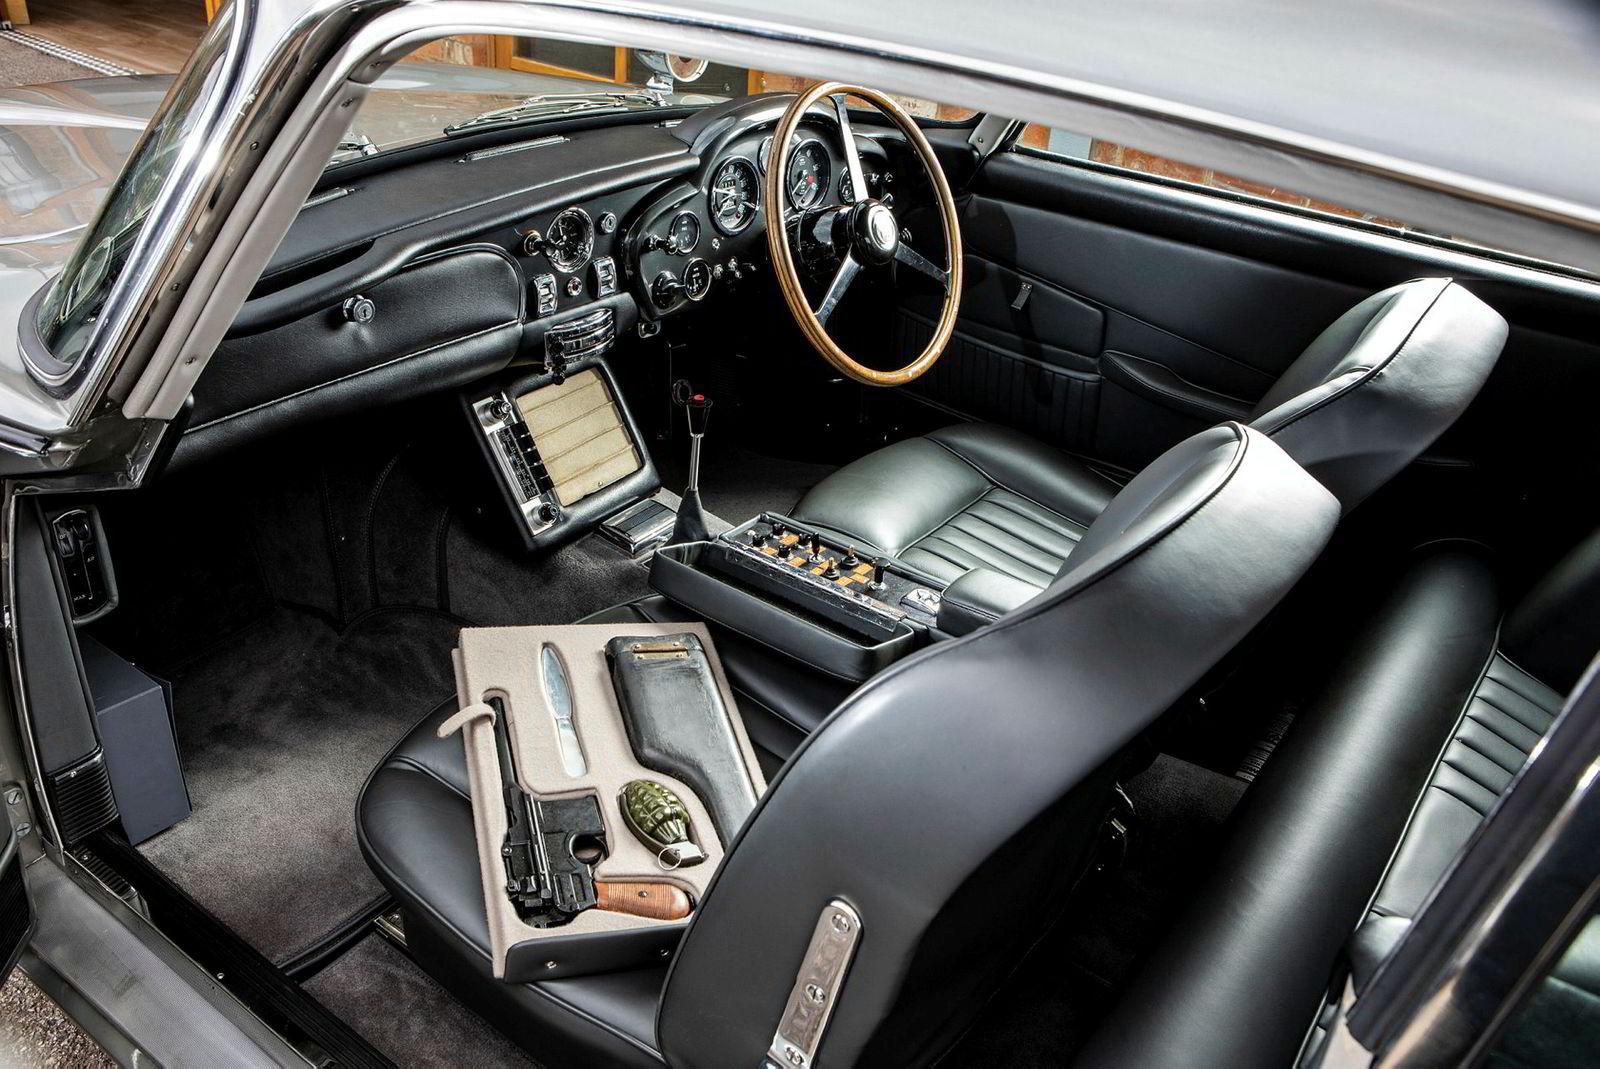 Spesialfunksjonene fra bilen i «Goldfinger» er selvsagt også bygget inn i denne bilen.